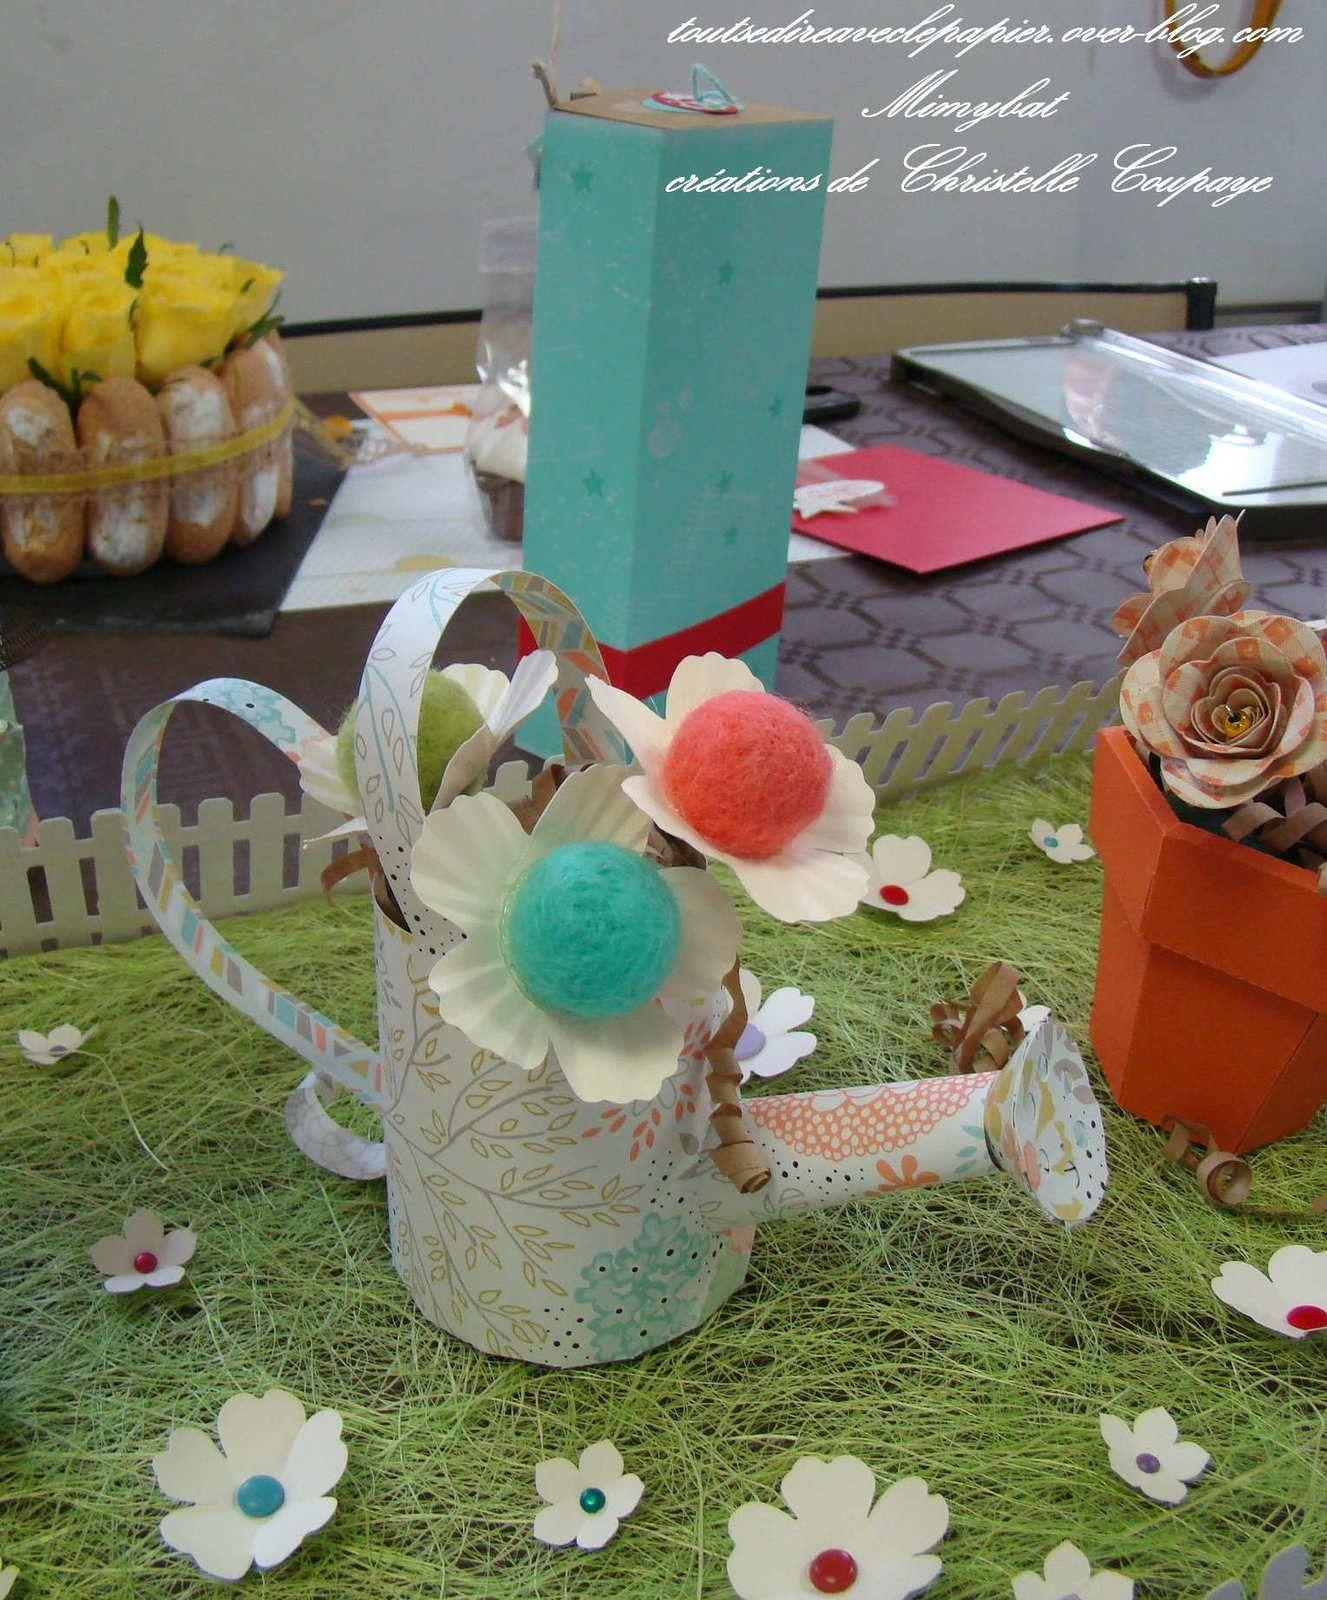 des arrosoirs rétros dans nos papiers modernes et frais..un vrai régal ! Et encore des fleurs rigolotes faites en partie avec un élément d'un cadeau de la SAB !!! Que de créativité !!!